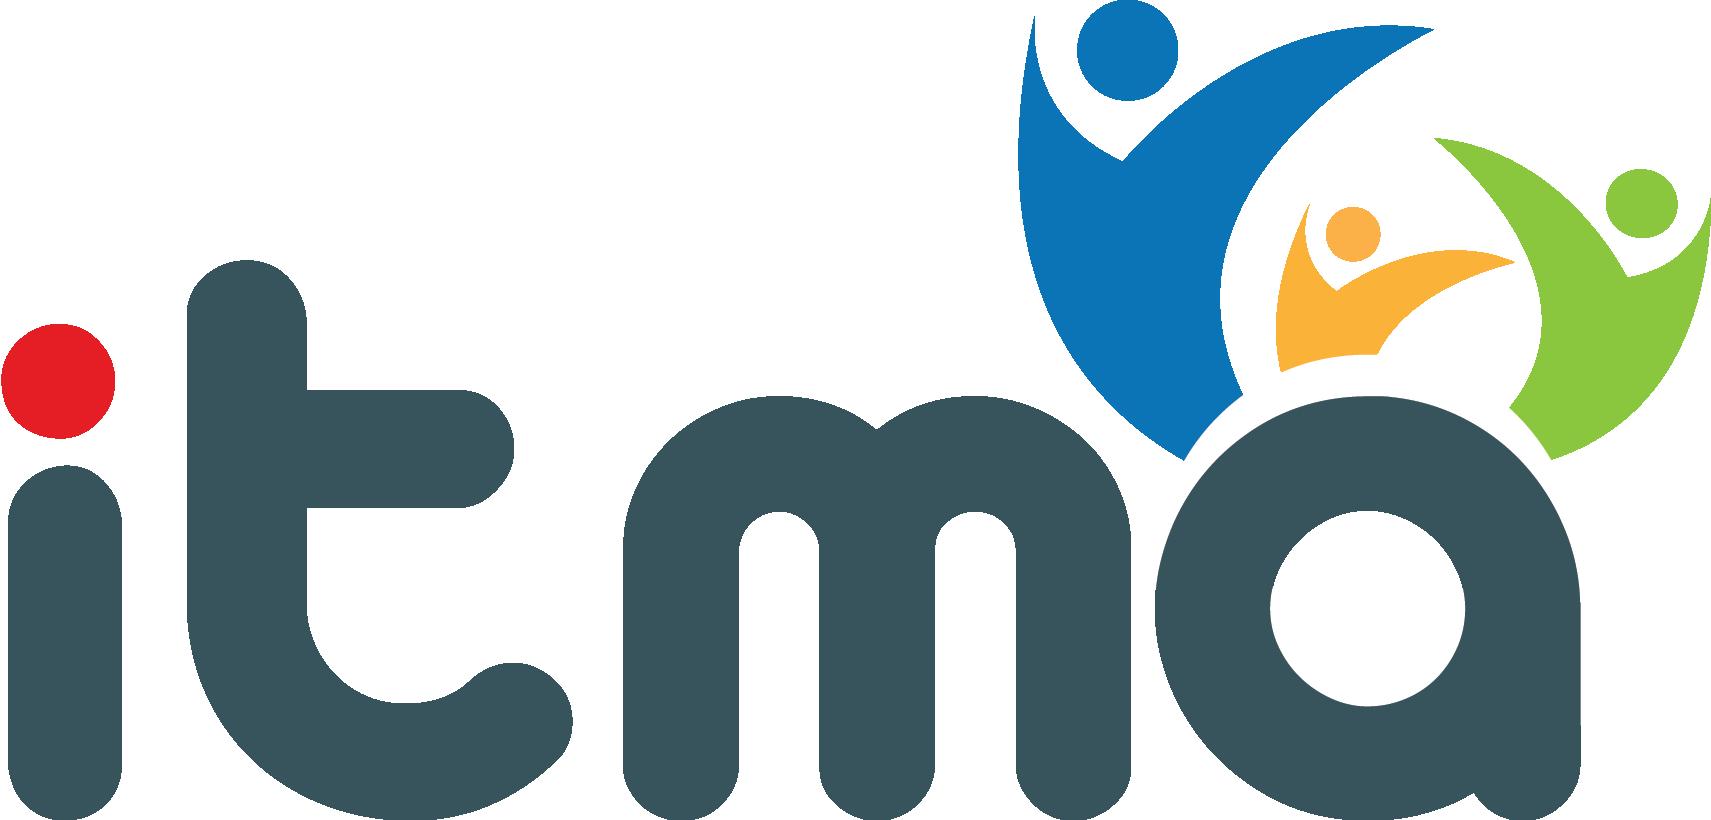 Logo_transparente_grande